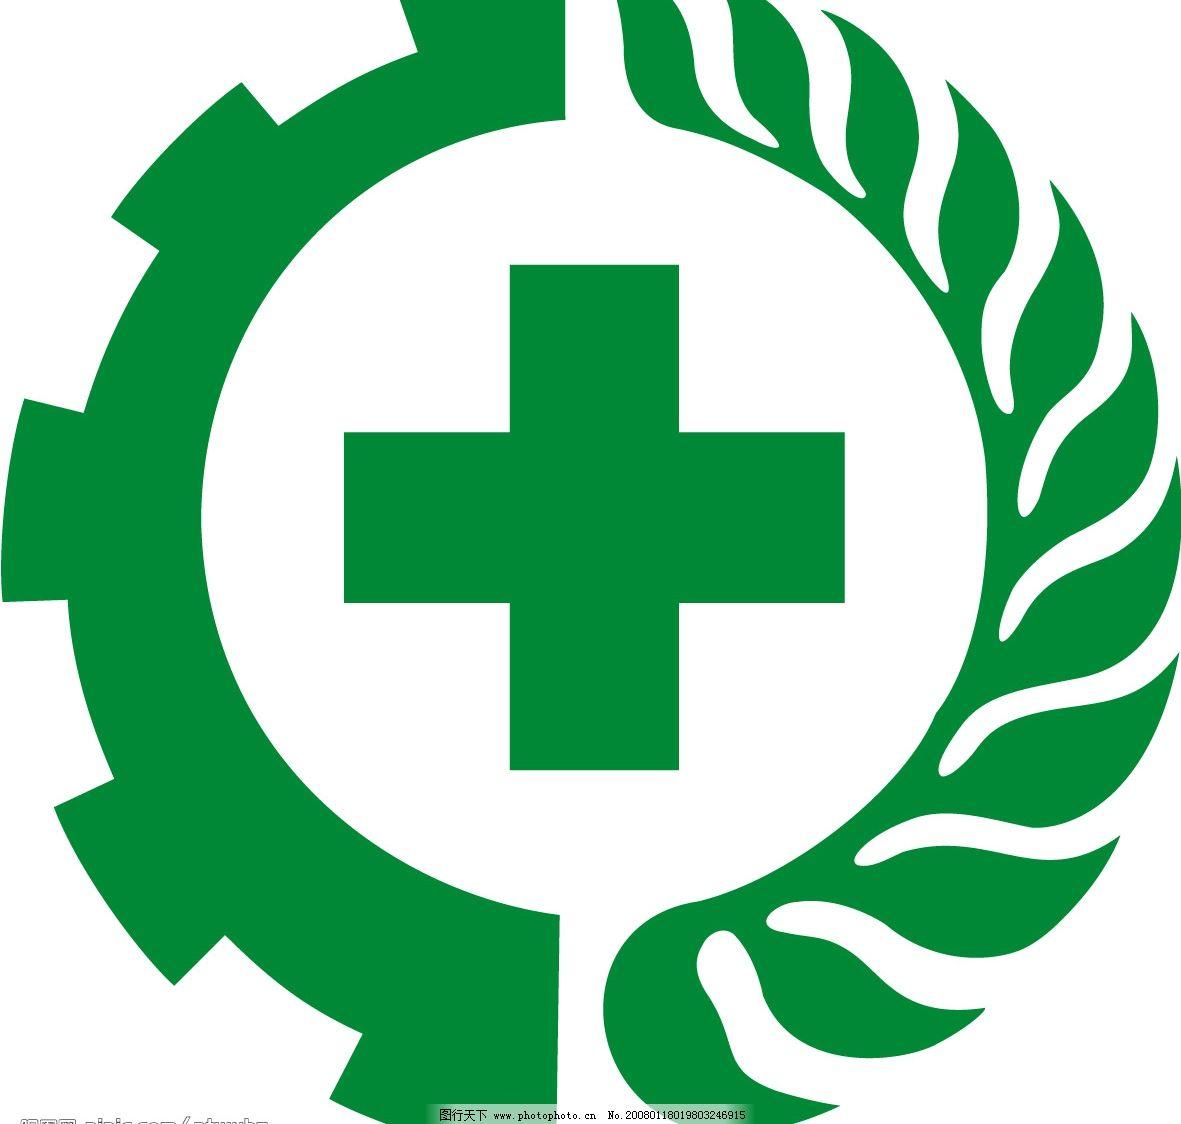 劳动安全卫生(绿十字标志)图片